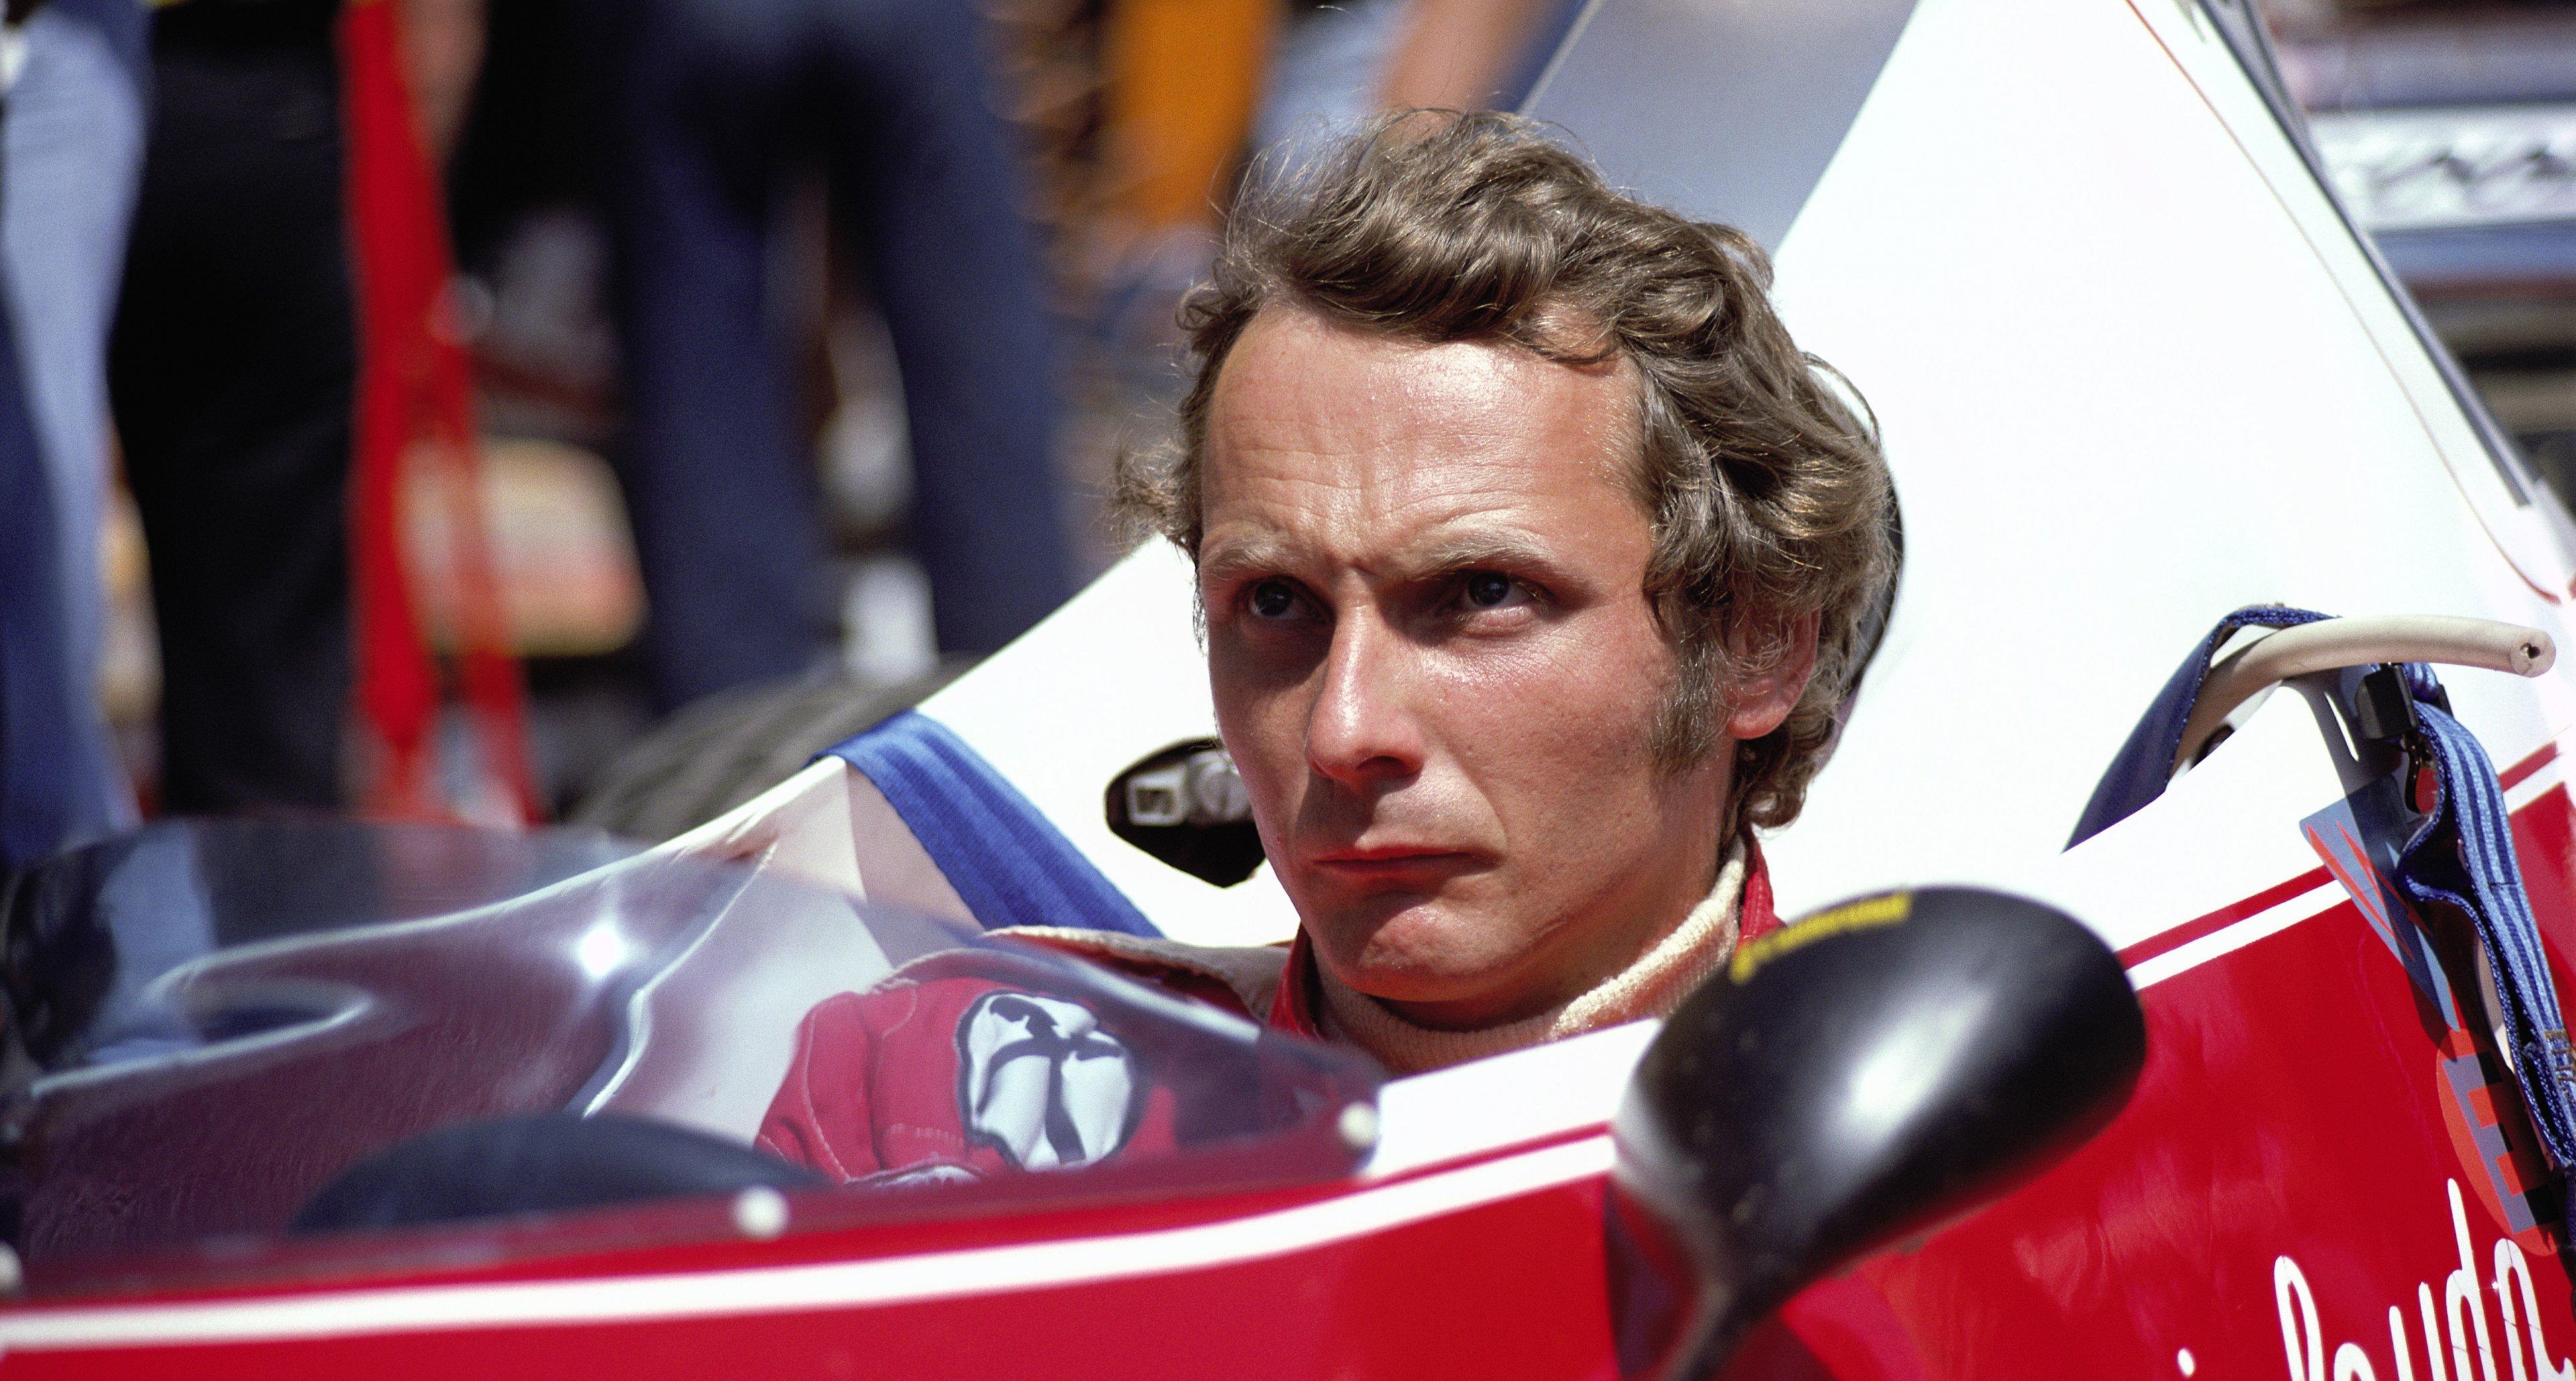 Ferrari driver and championship leader Niki Lauda, German Grand Prix, Nurburgring, 1975, Germany,